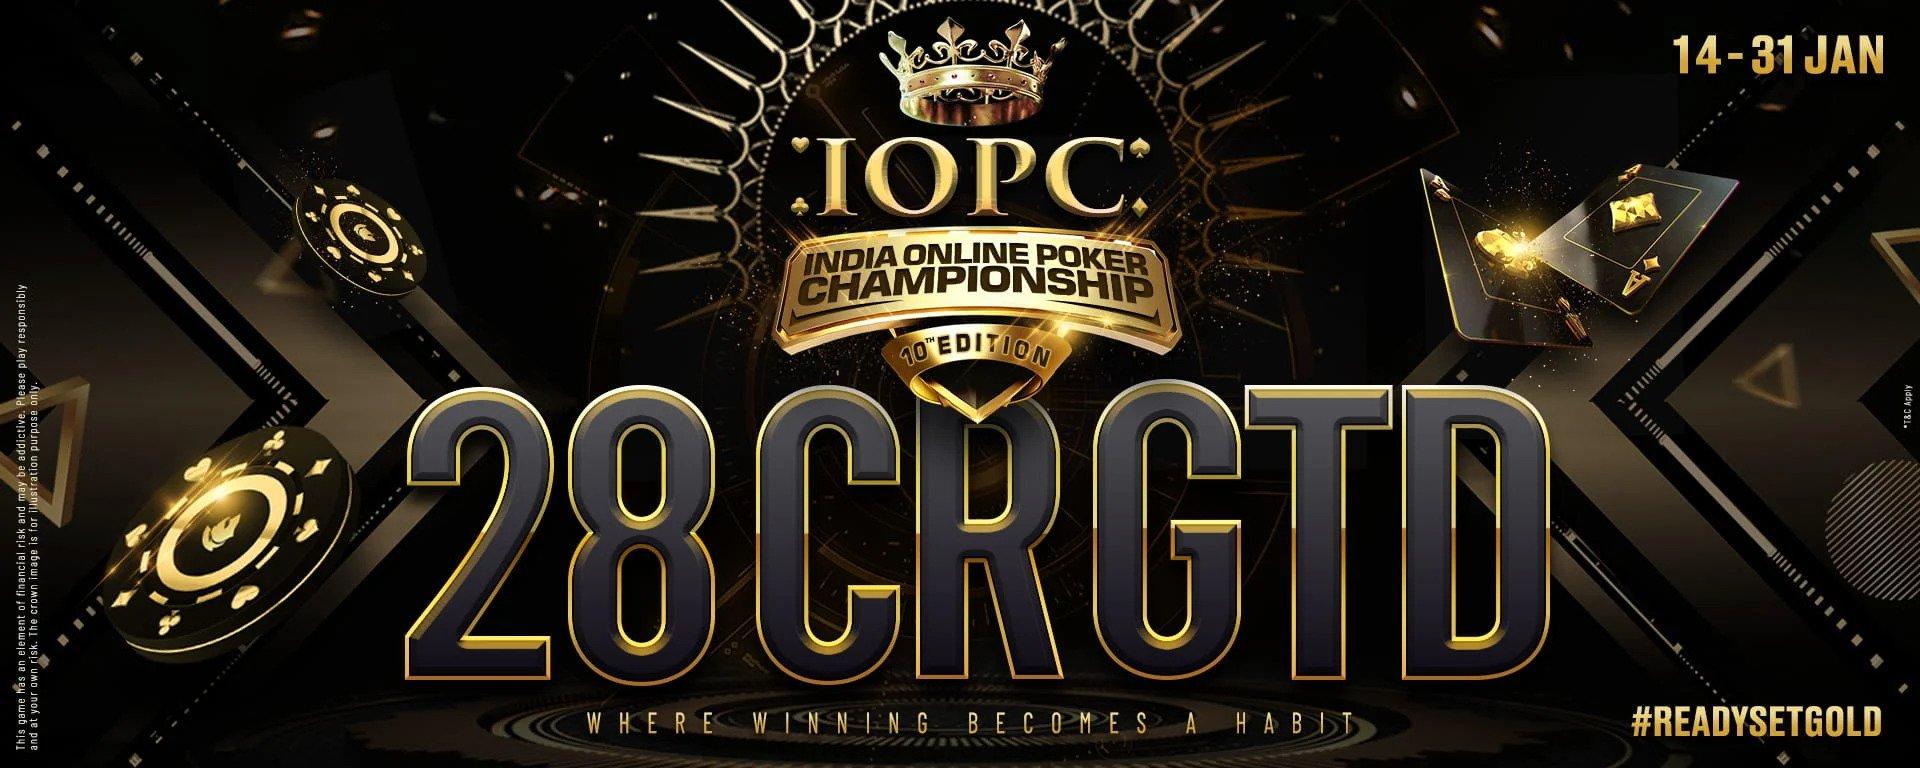 Kejuaraan Poker Online India Kembali Dari 14-31 Januari